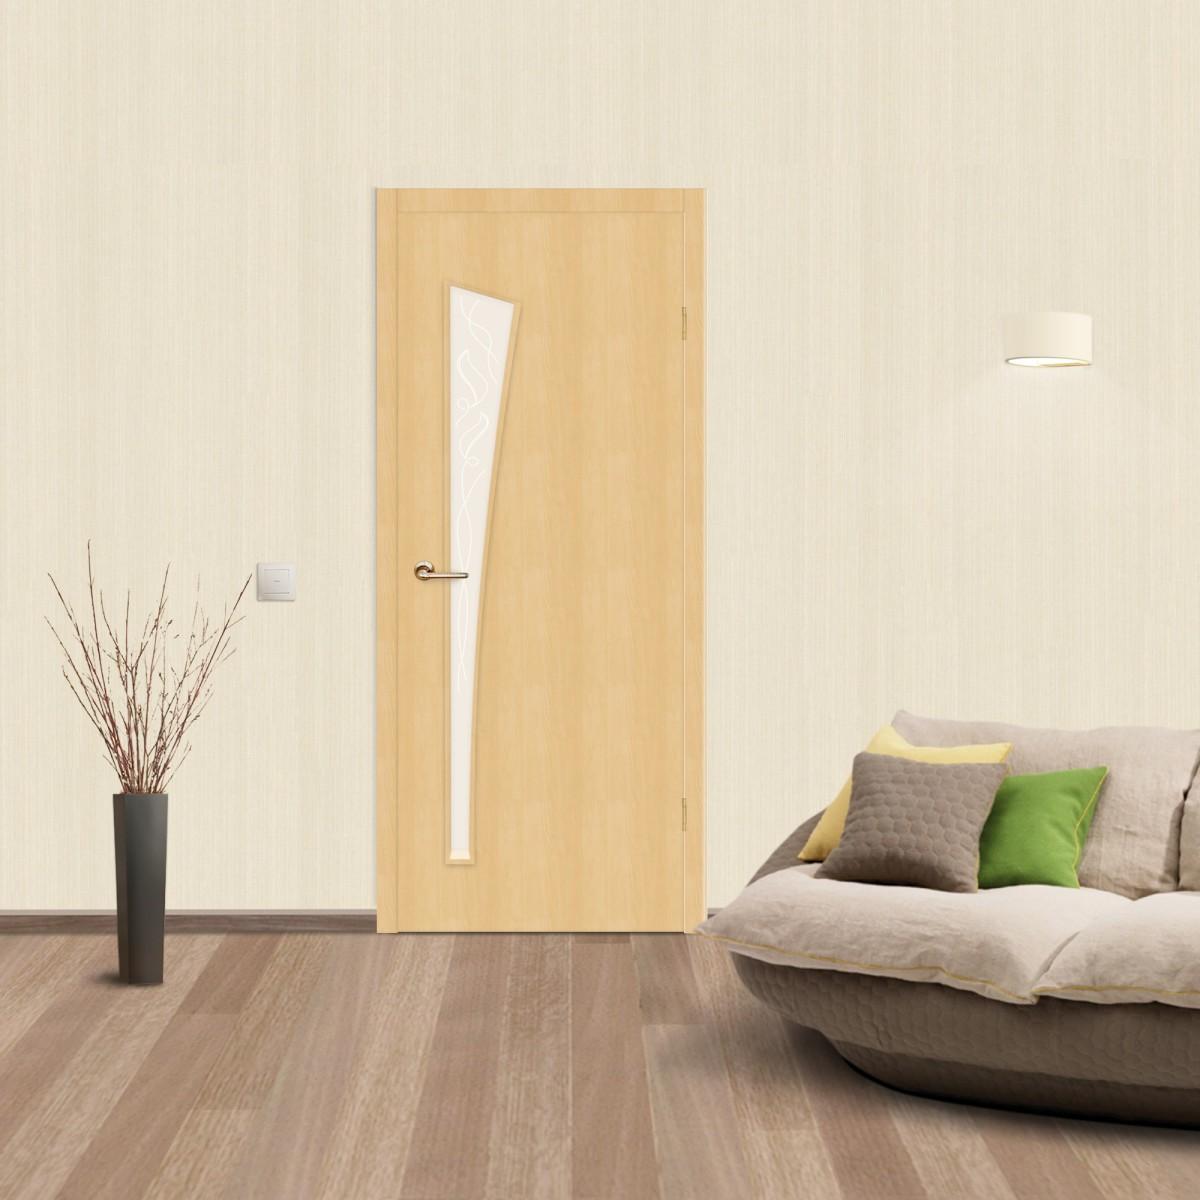 Дверь Межкомнатная Остеклённая Belleza 50x200 Ламинация Цвет Дуб Белый